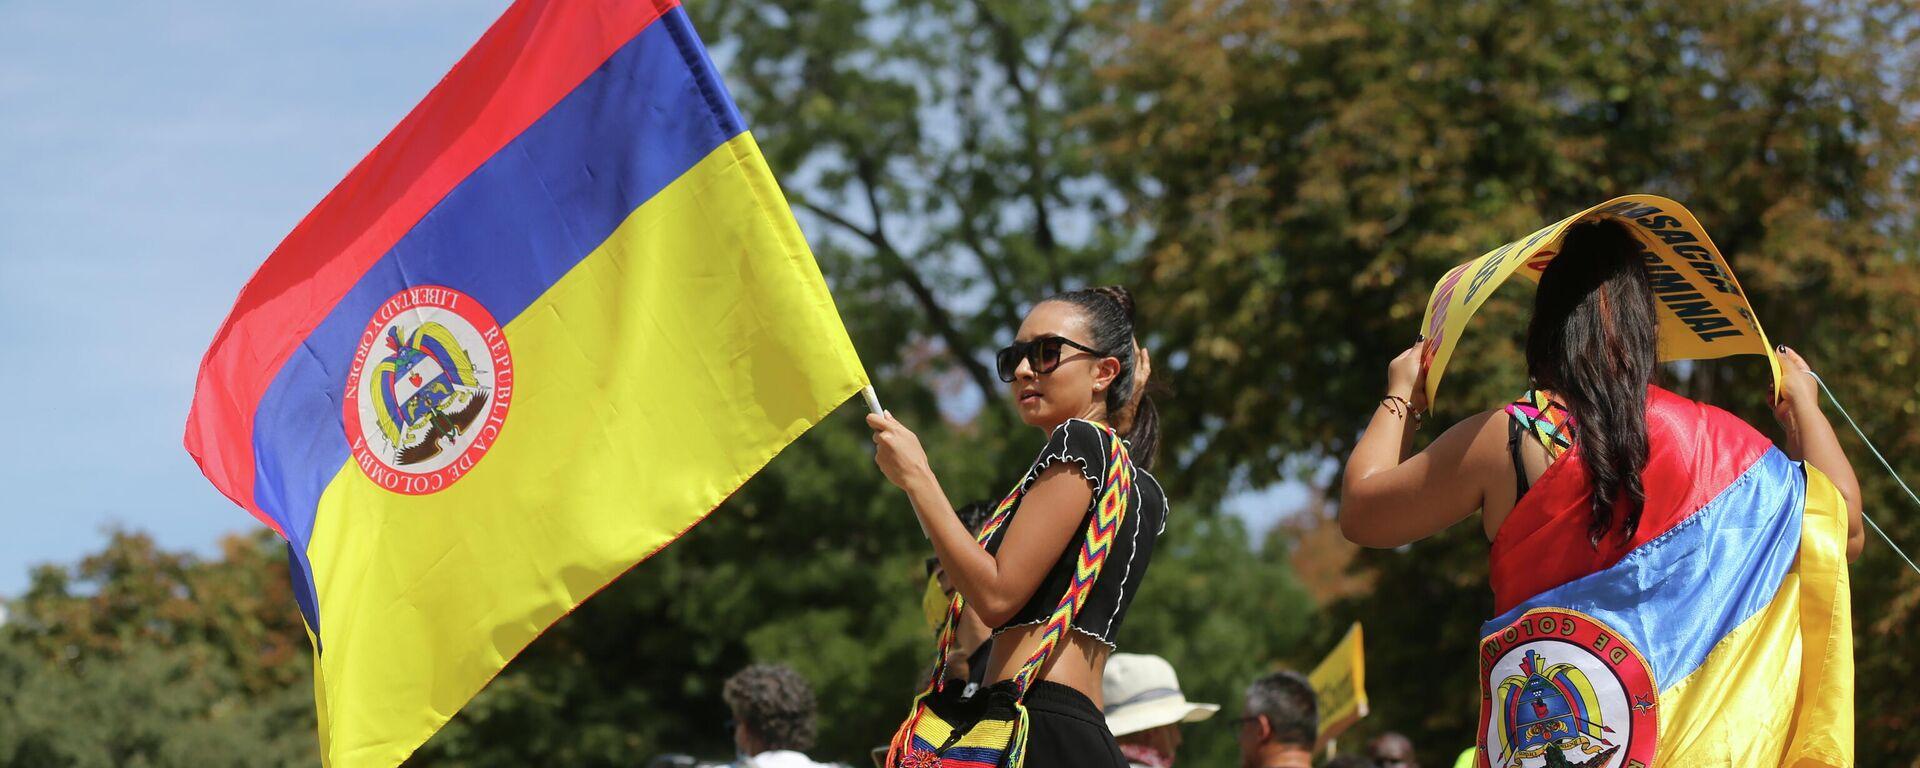 Una chica sostiene bandera de Colombia durante una manifestación contra la llegada del presidente del país a Madrid - Sputnik Mundo, 1920, 13.09.2021